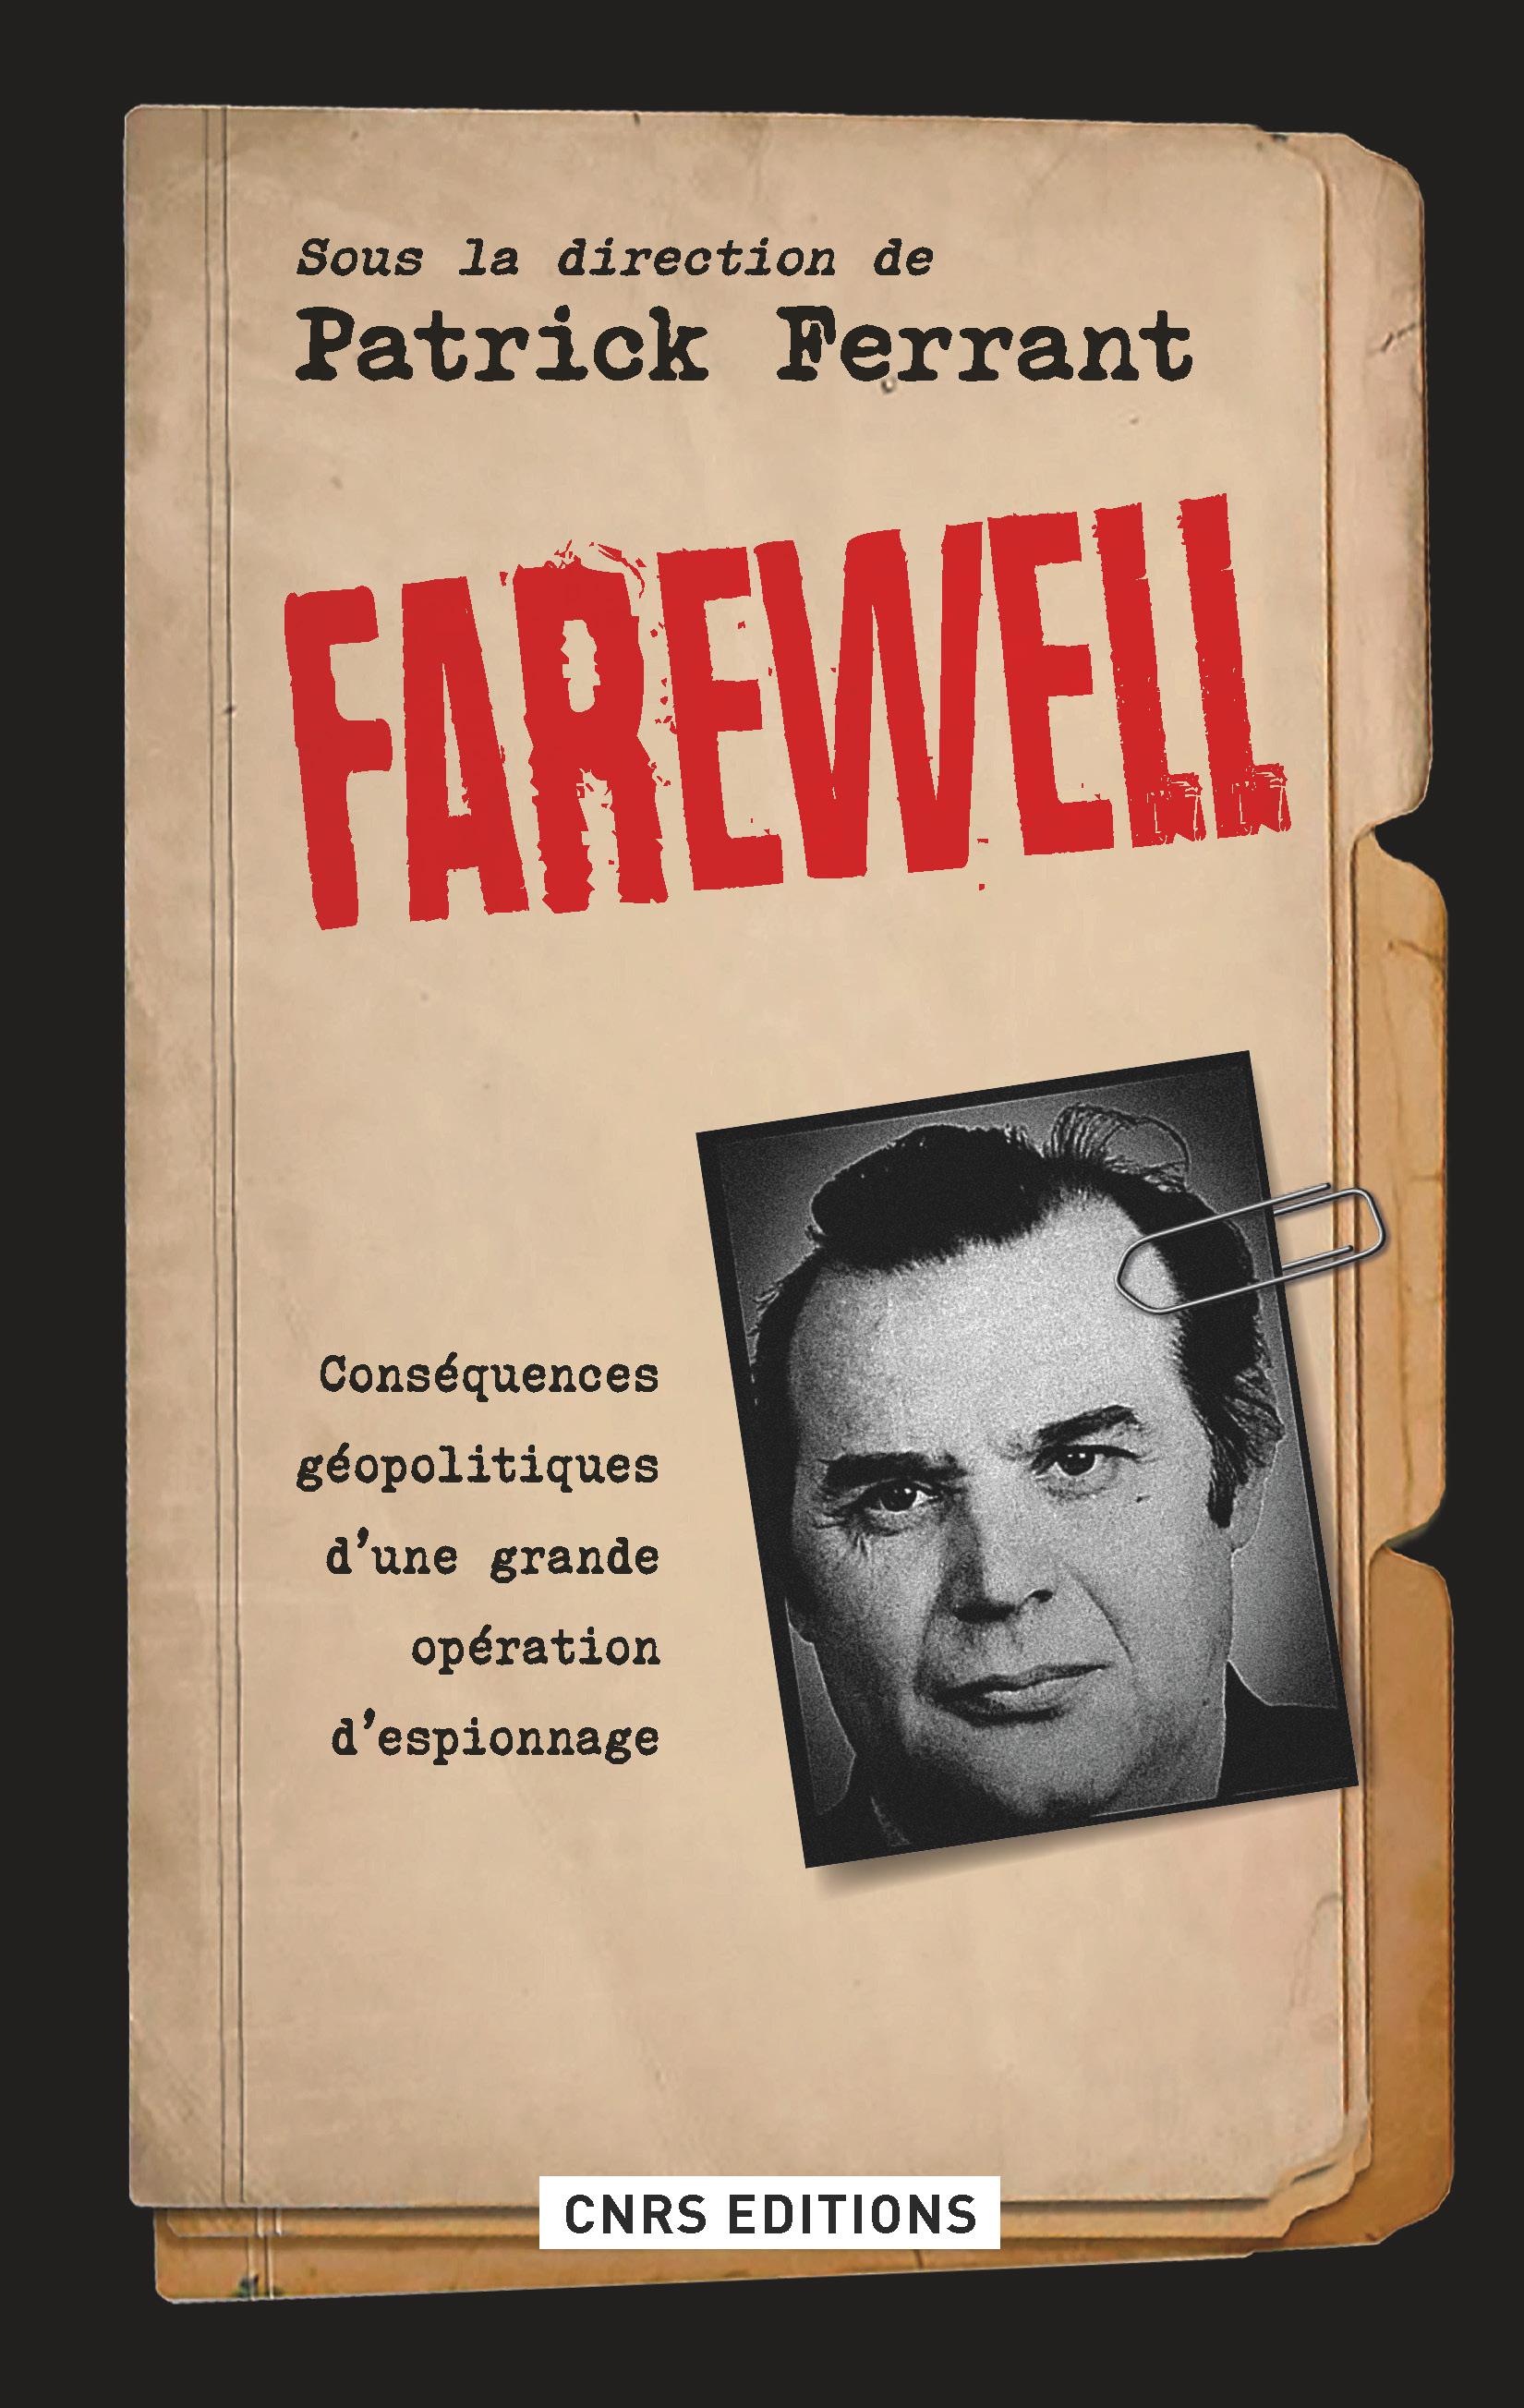 Farewell. Conséquences géopolitiques d'une grande opération d'espionnage